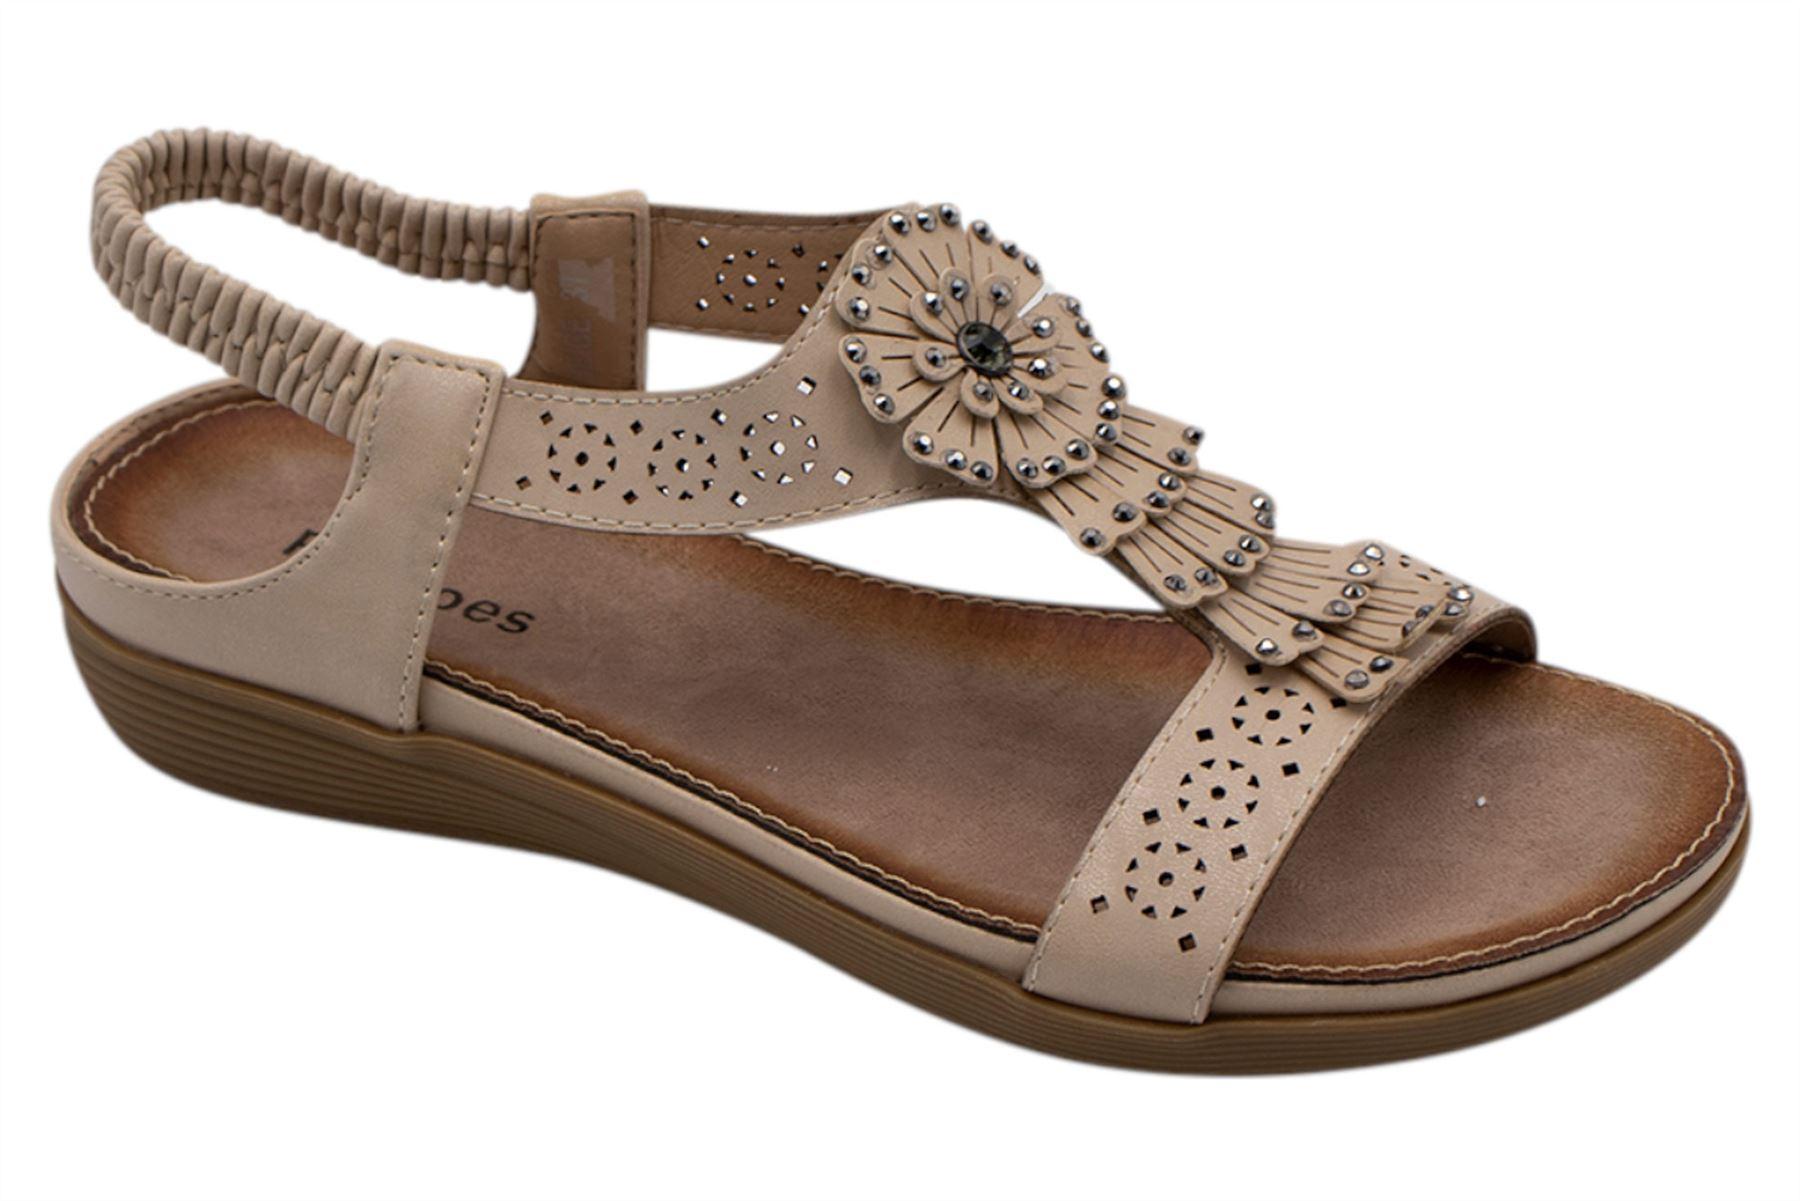 Ladies-Sandals-Womens-Shiny-Flat-Flip-Flop-Beach-Sliders miniatura 9